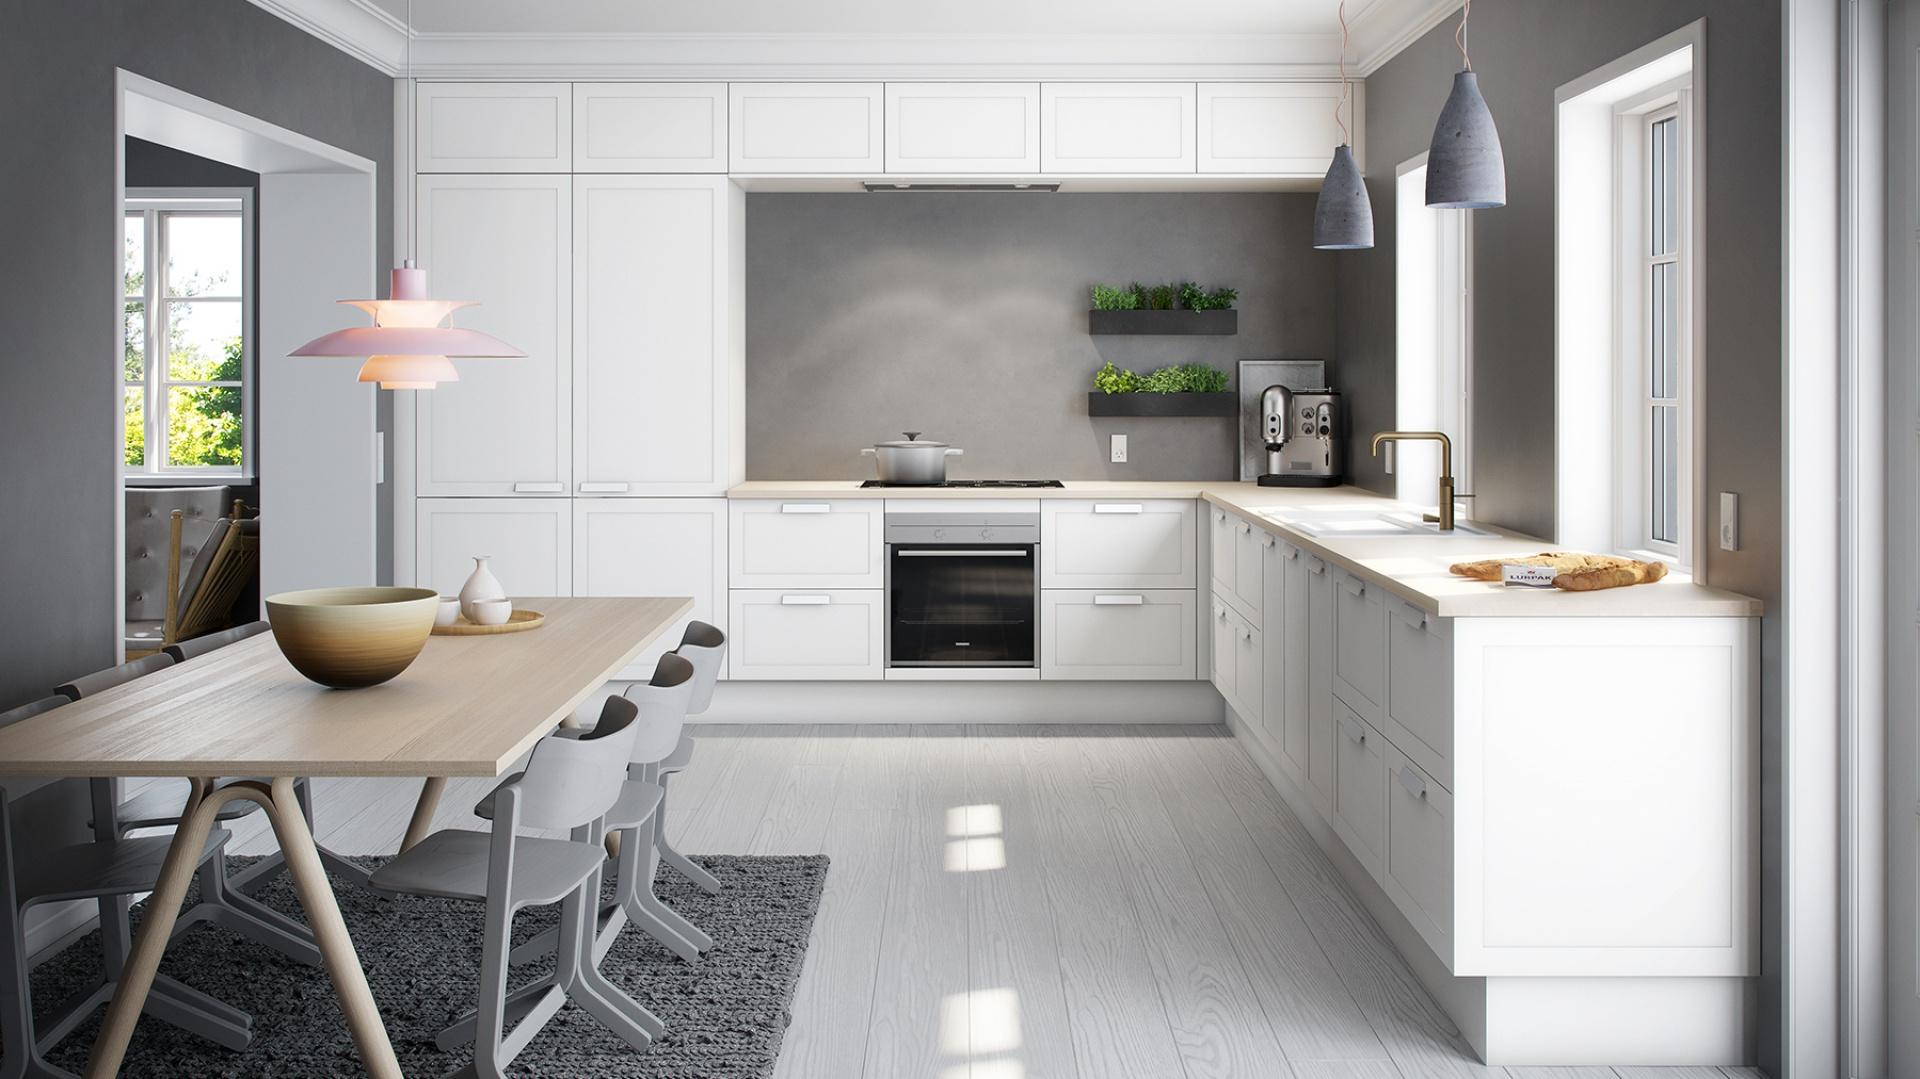 Bielone drewno na podłodze Jasna kuchnia z drewnianym   -> Kuchnia Retro Drewno